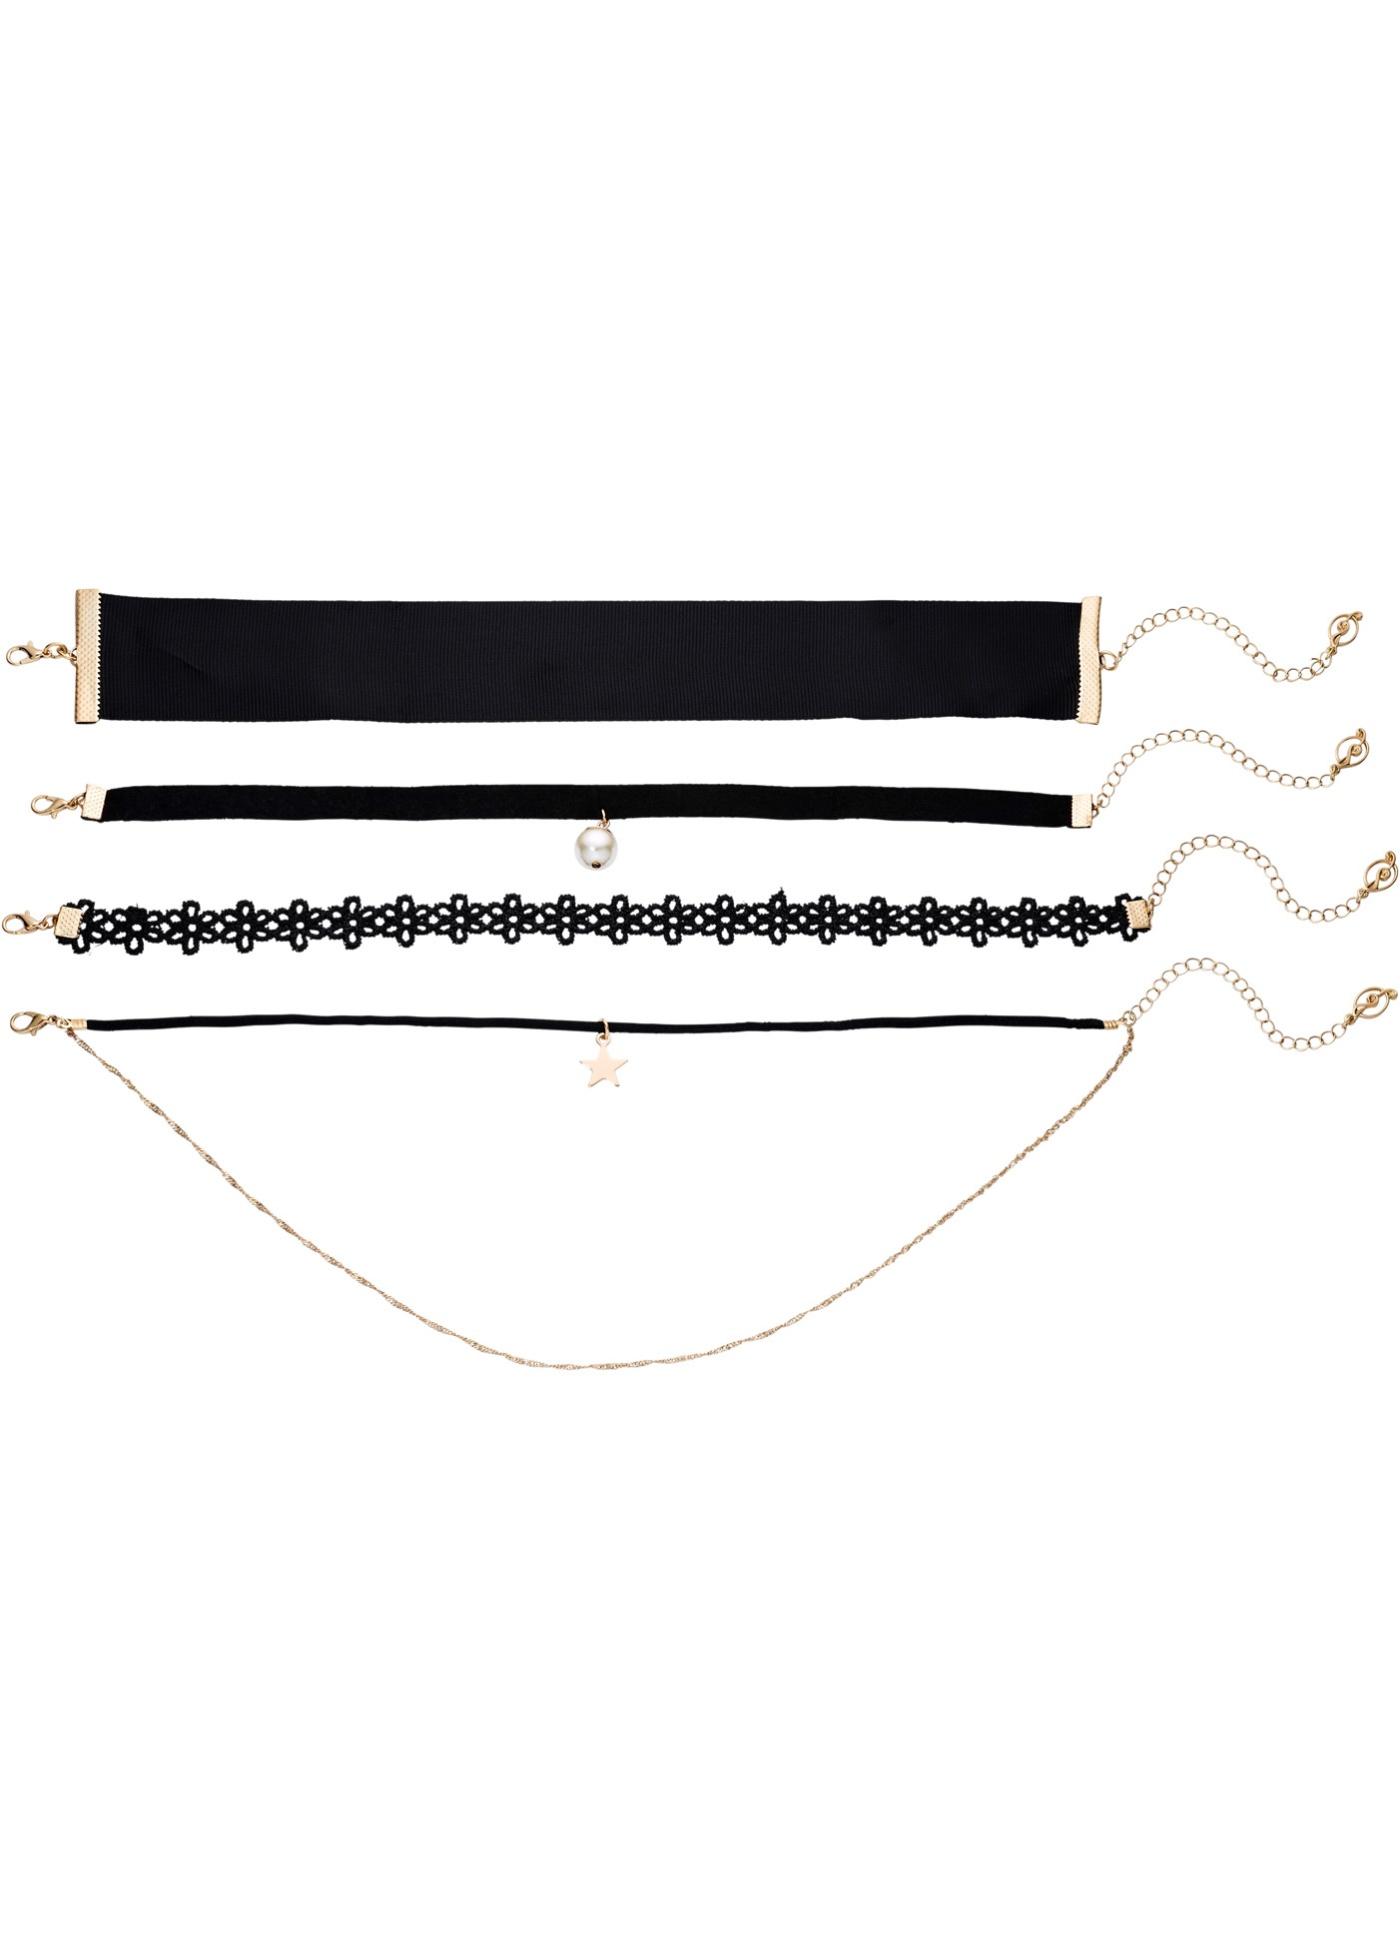 La tendance du moment ! Le set comprend 4 colliers ras du cou de différentes largeurs. Combinaison de matières en textile et métal.